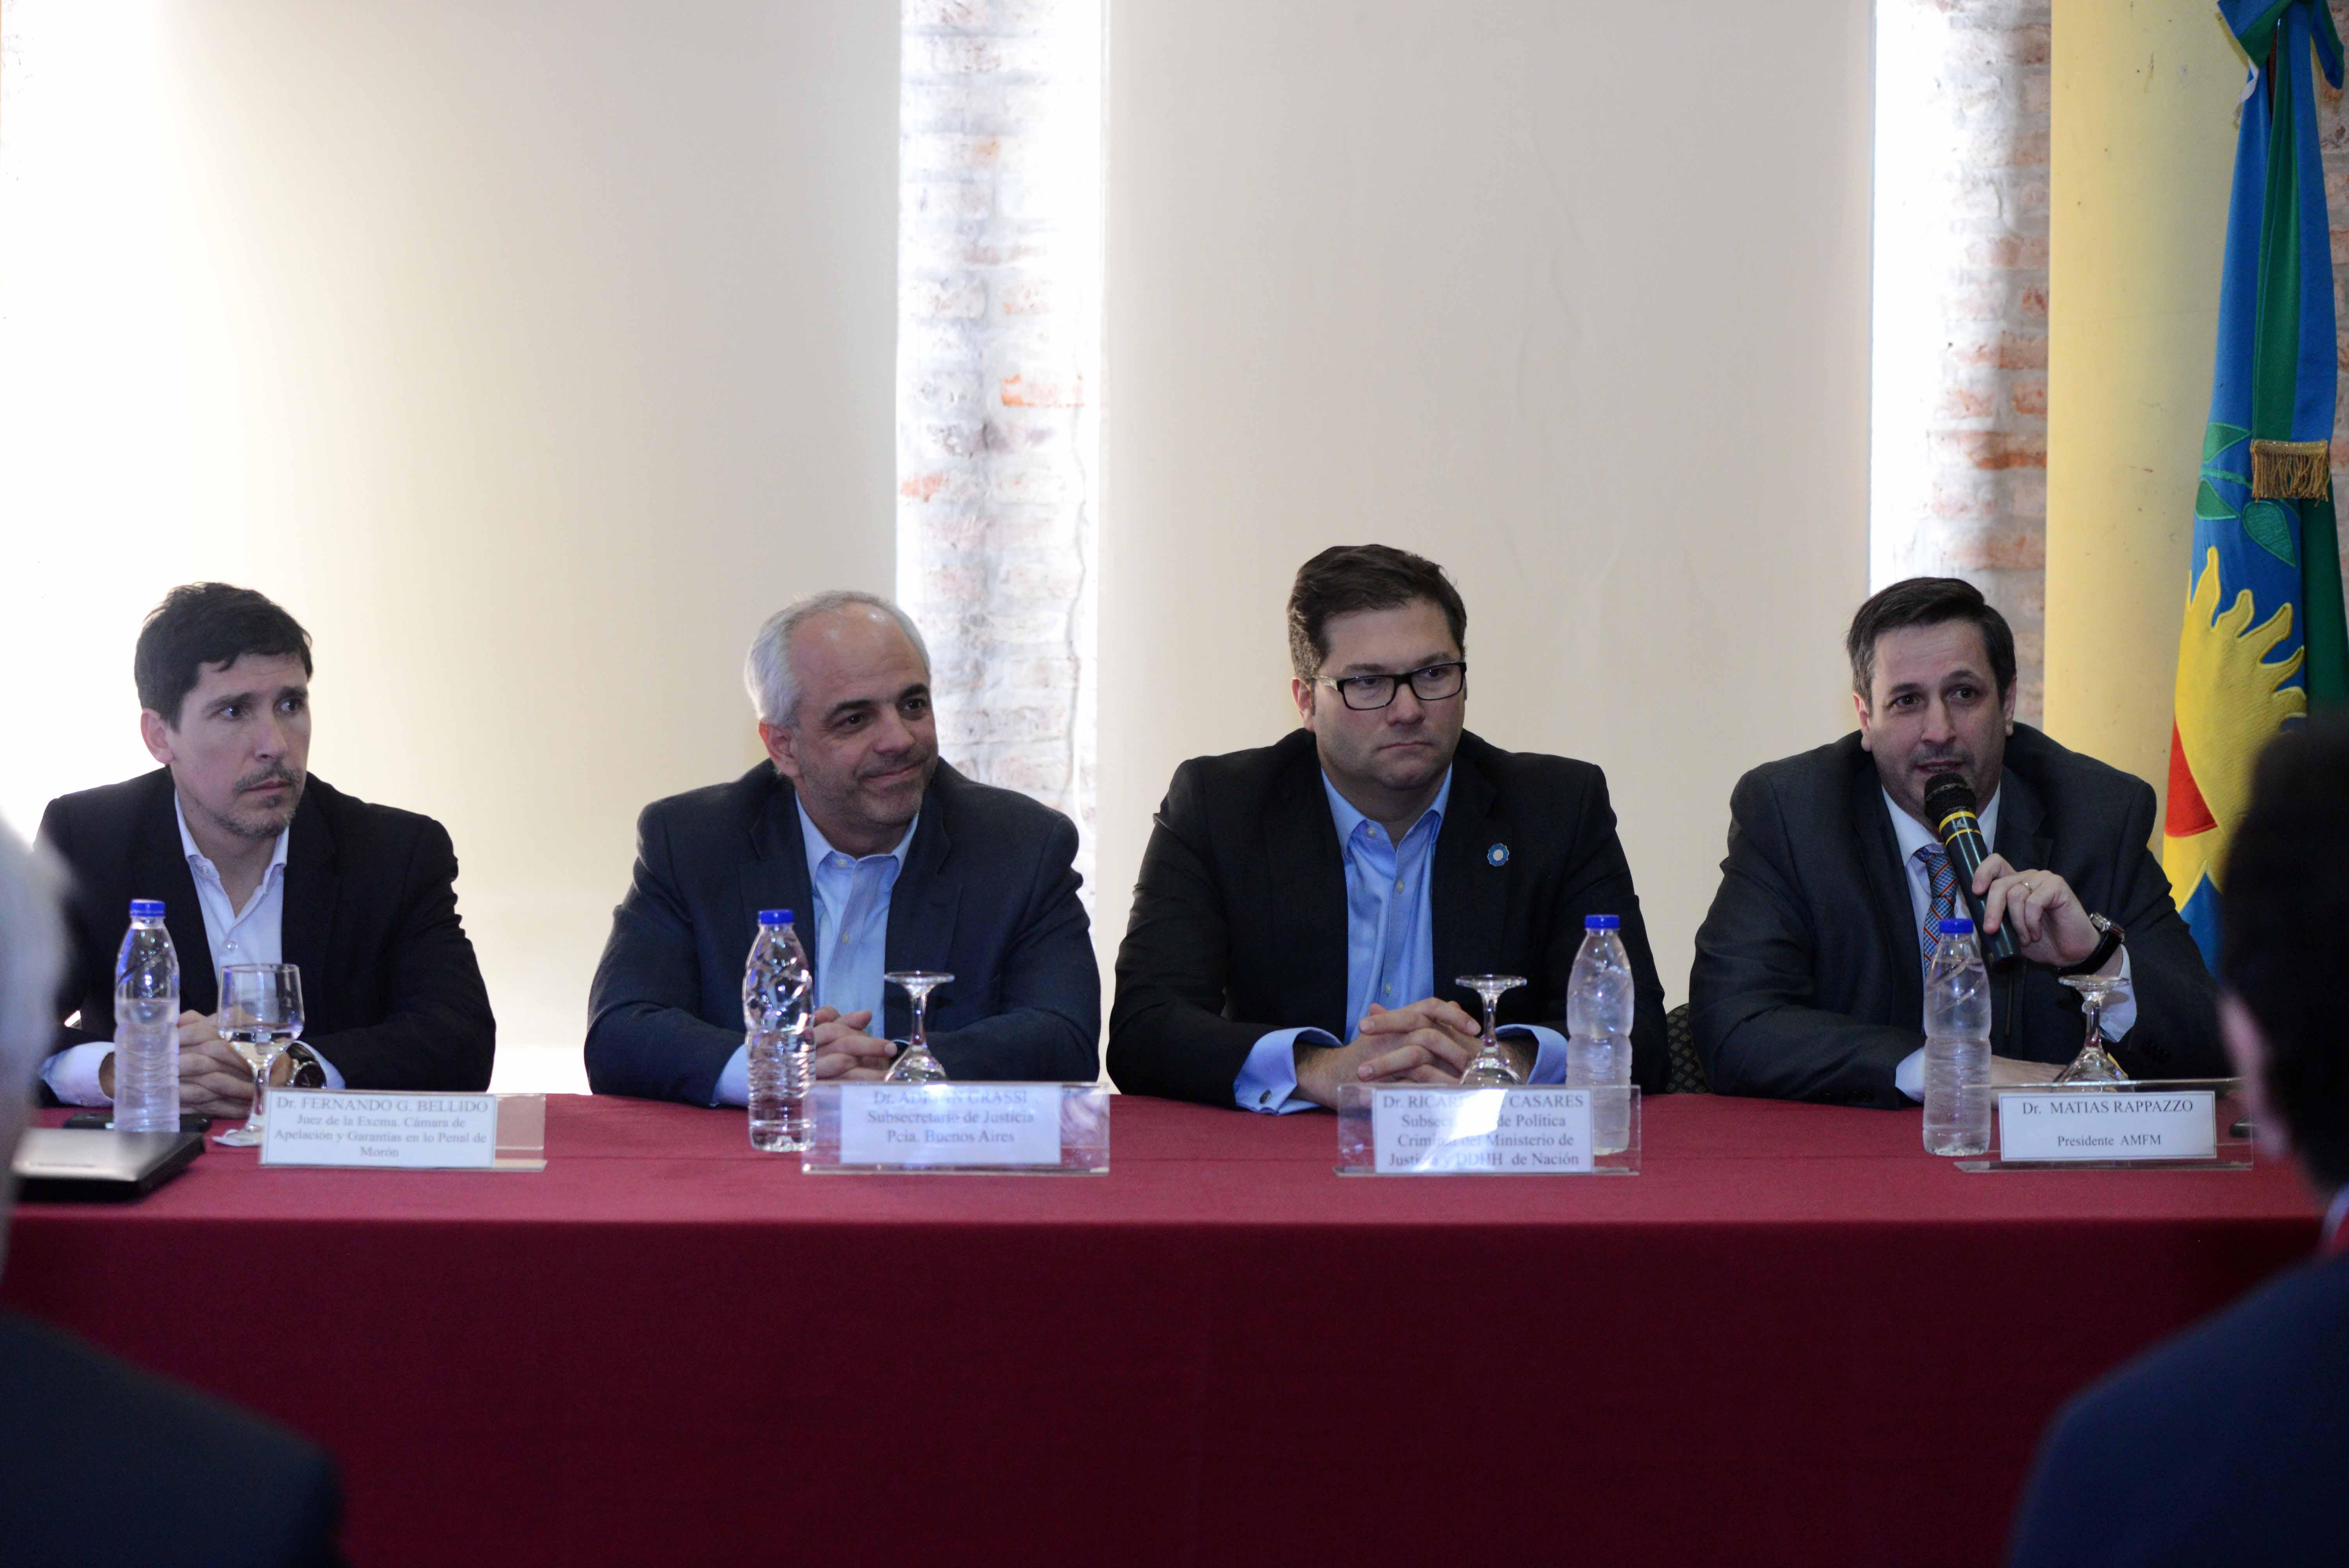 Casares y Grassi lanzaron capacitaciones en investigación criminal para magistrados de Morón